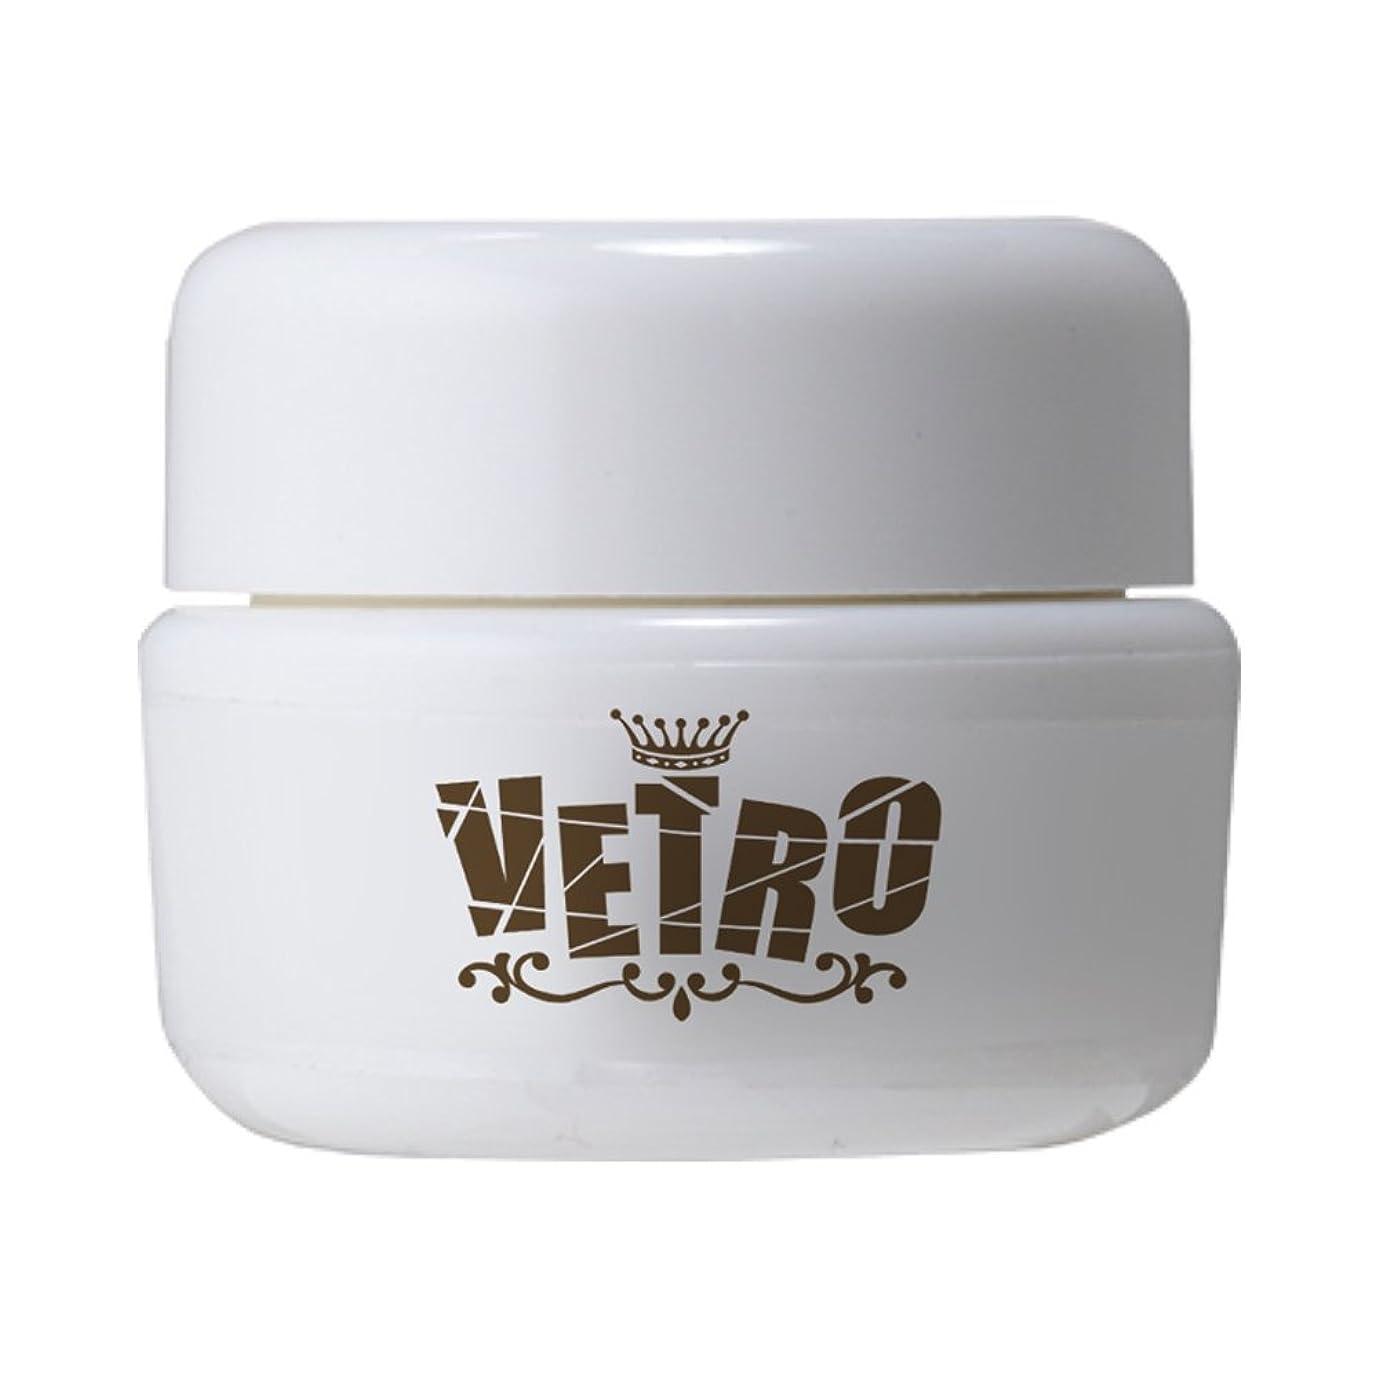 歯ジェム水VETRO No.19 カラージェル シアー VL320 クリスタフラミンゴ 4ml